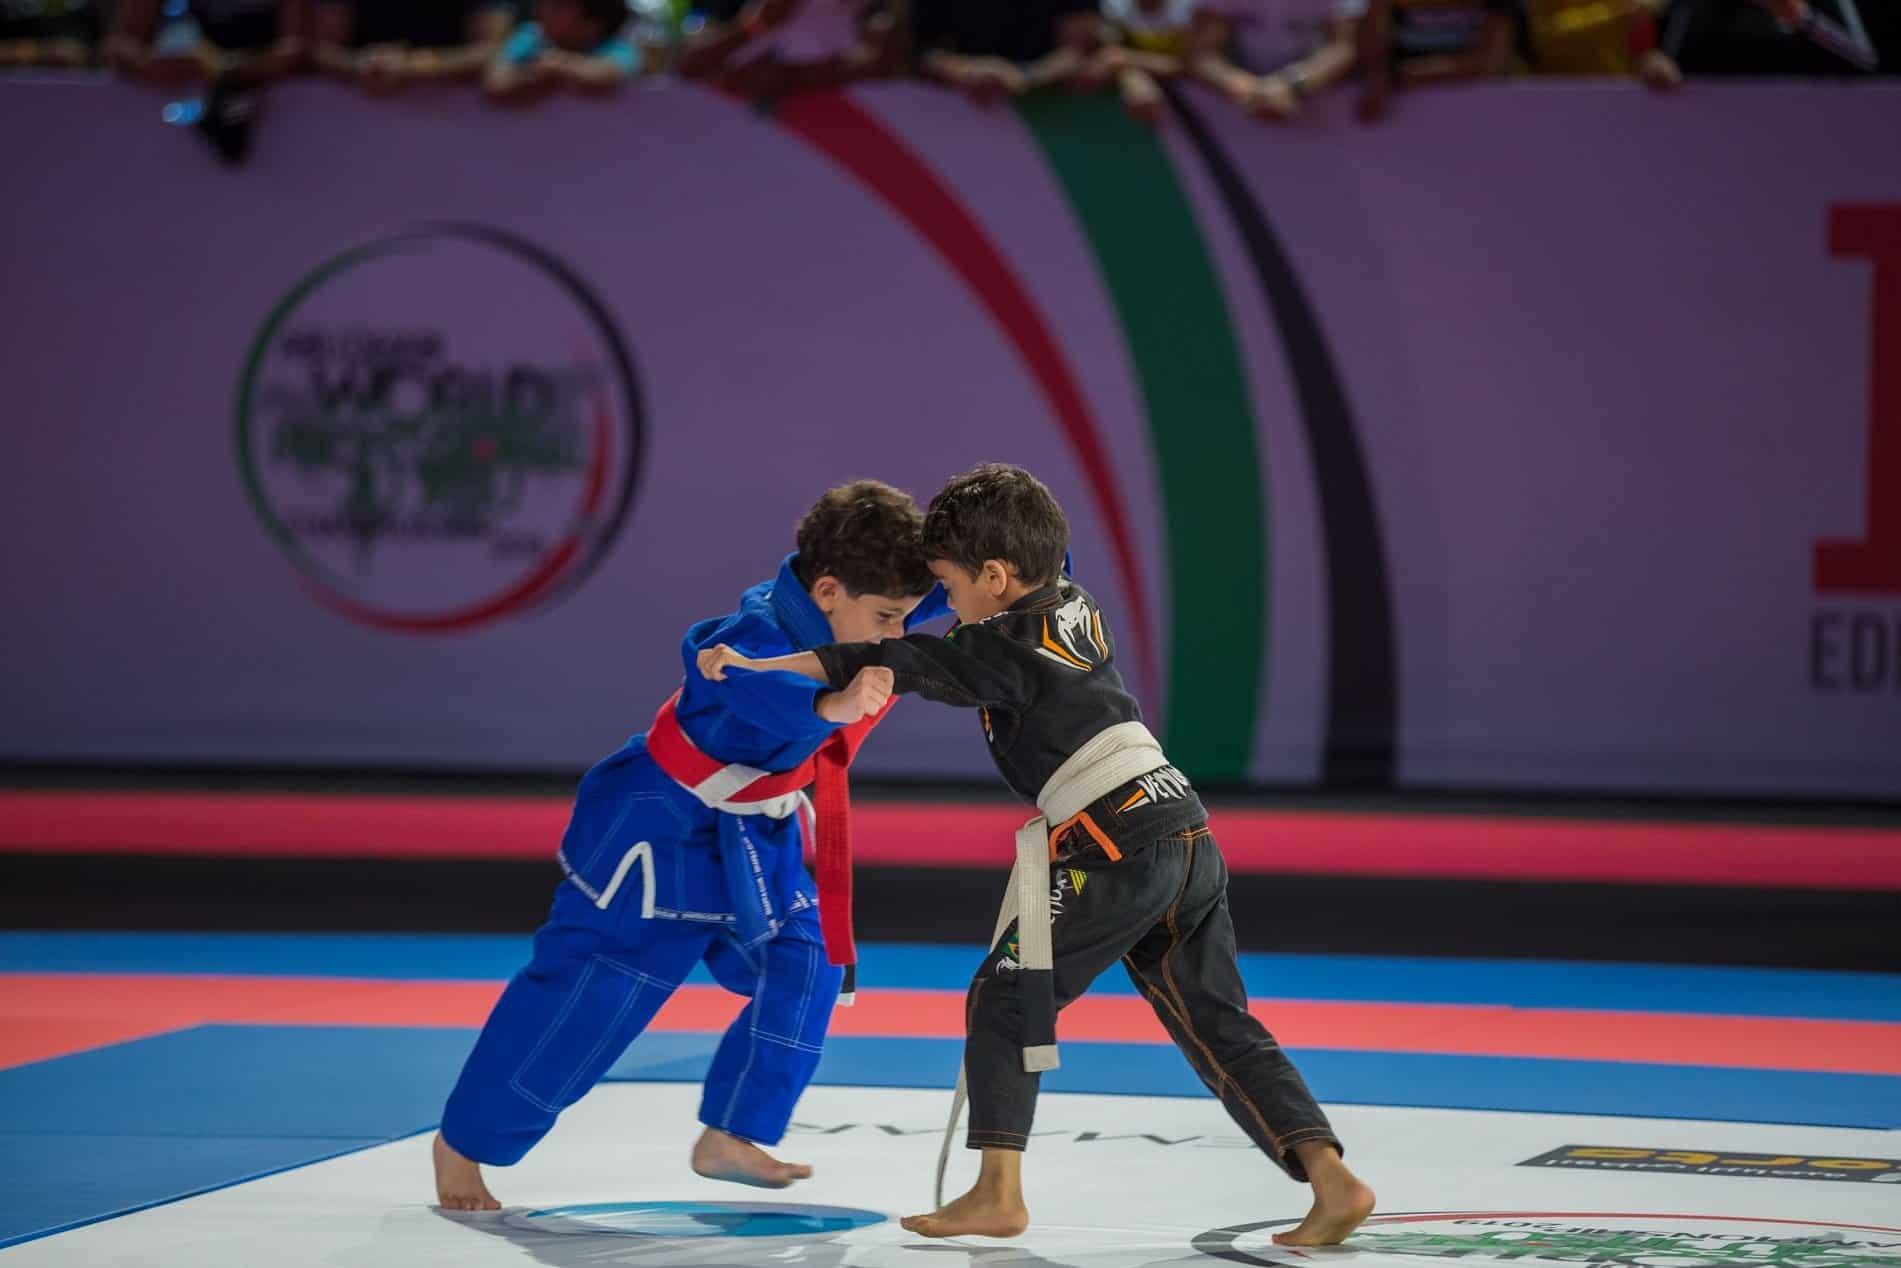 Athlete registration gains momentum for the 12th edition of the Abu Dhabi World Professional Jiu-Jitsu Championship (ADWPJJC) 2020 1 Athlete registration gains momentum for the 12th edition of the Abu Dhabi World Professional Jiu-Jitsu Championship (ADWPJJC) 2020 ADWPJJC